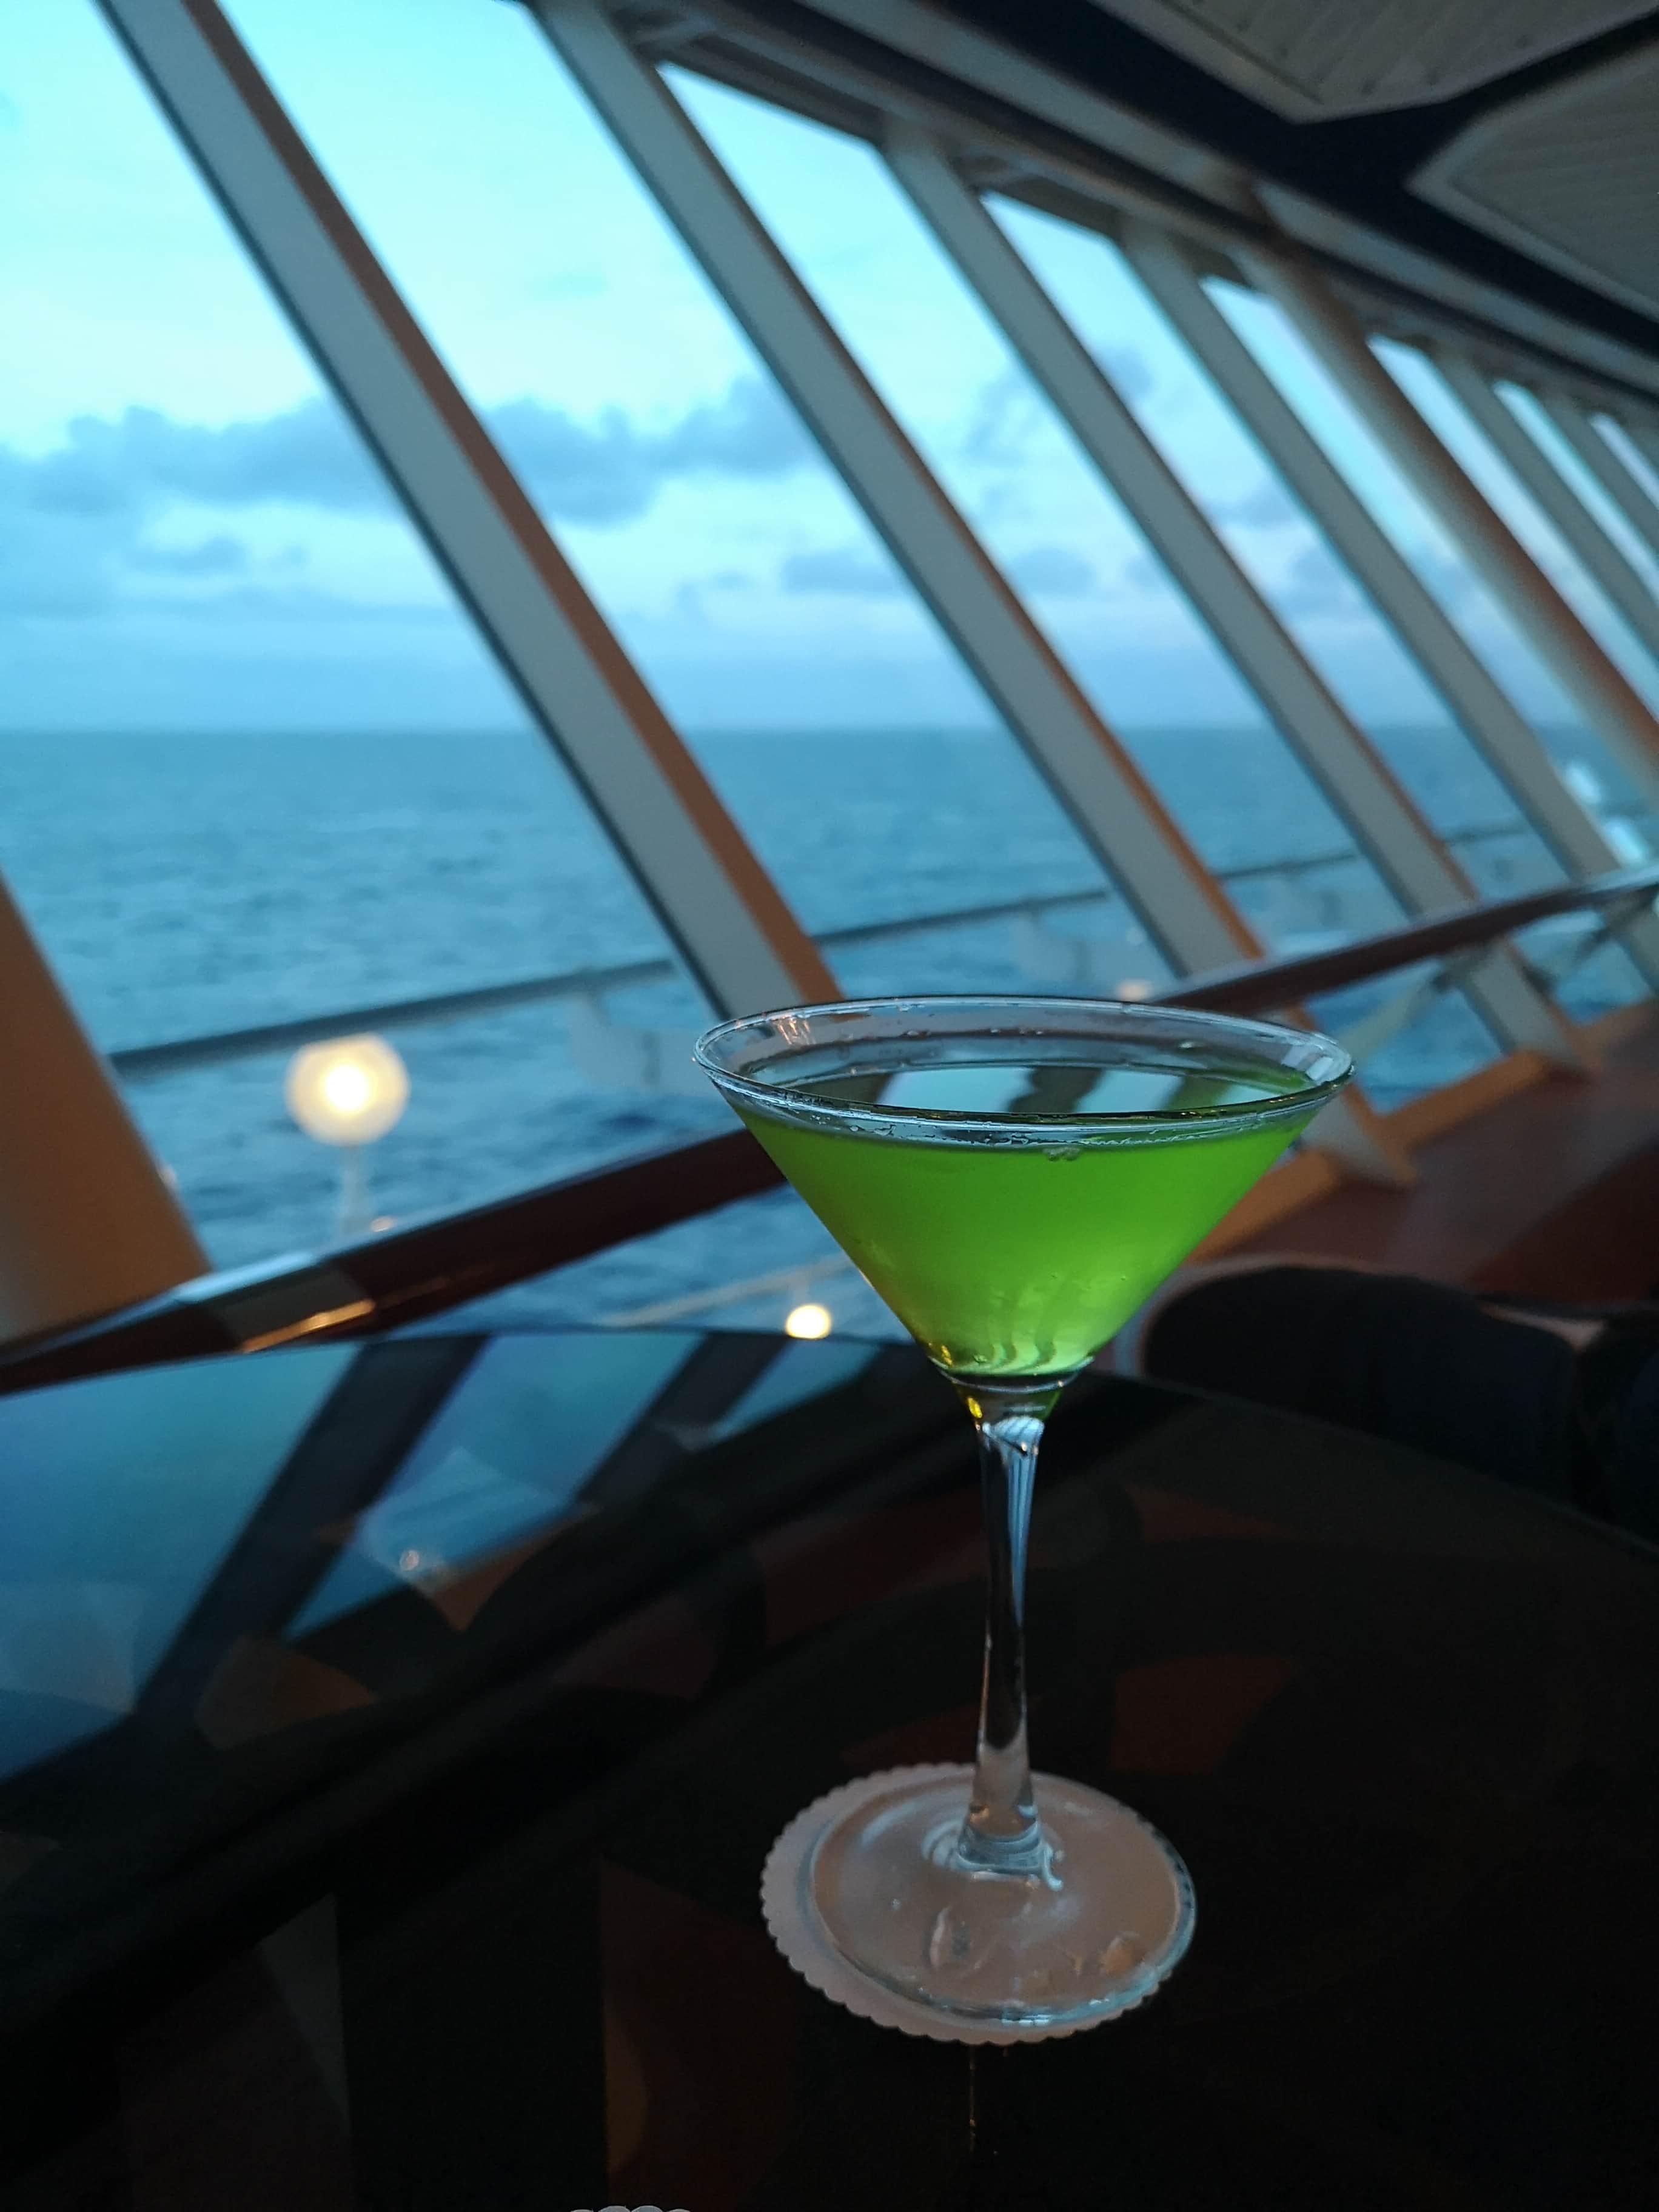 Marella Discovery Bar Eleven Drinks Bars Spectre Martini